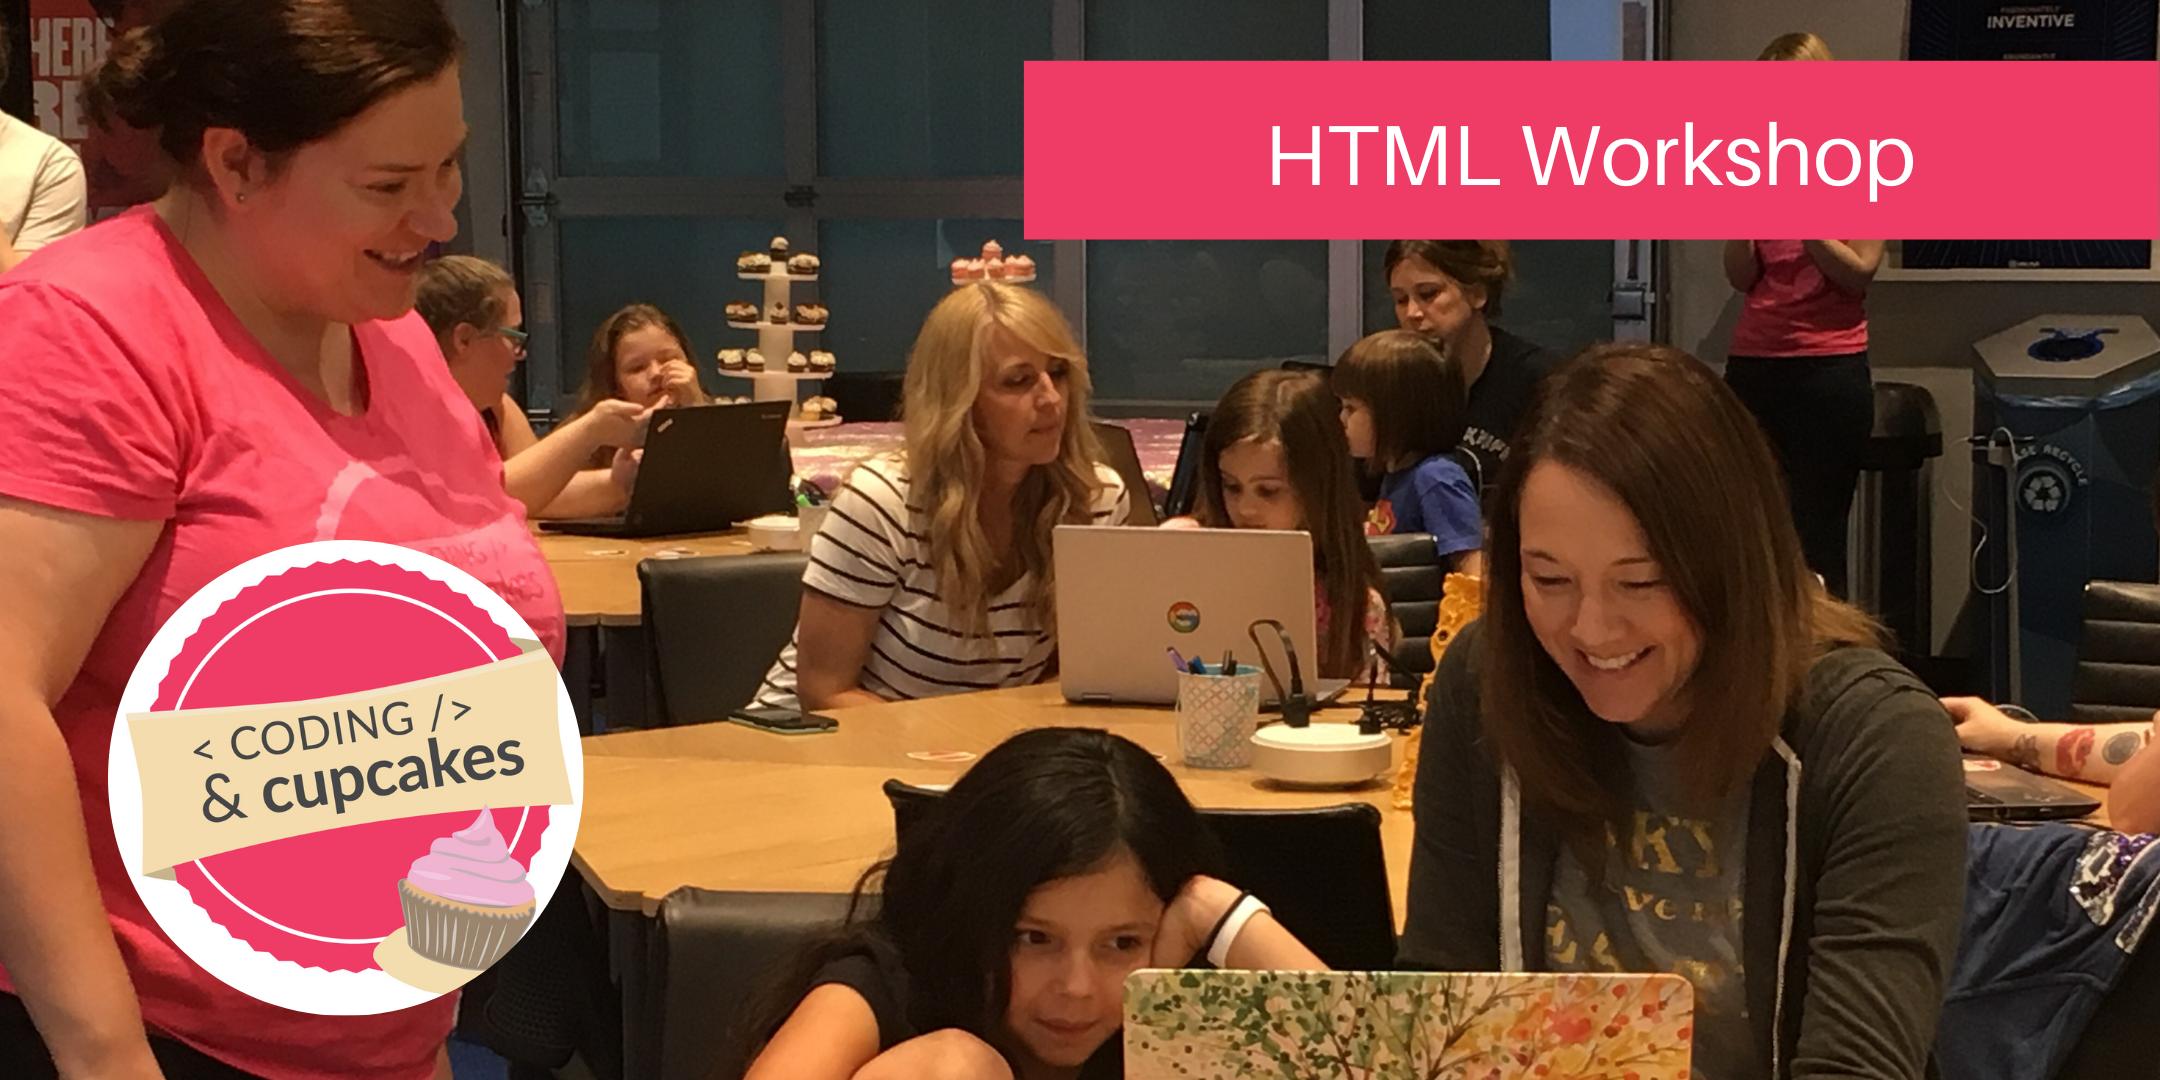 HTML Workshop